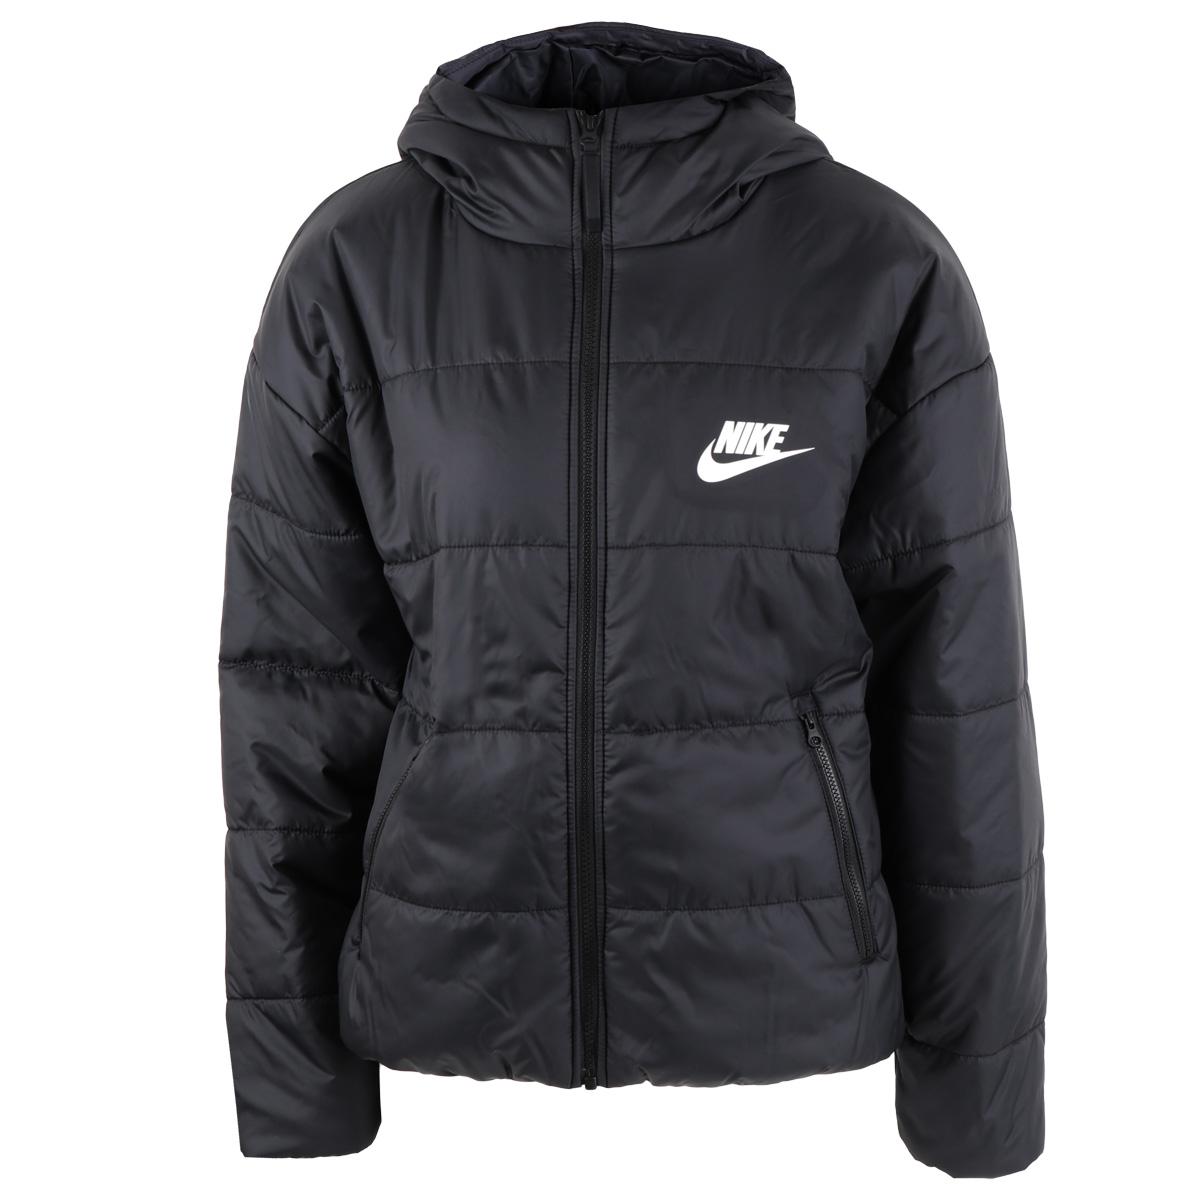 Foto de Nike Sportswear Chaqueta con Capucha para Mujer - black/white/white CZ1466-010